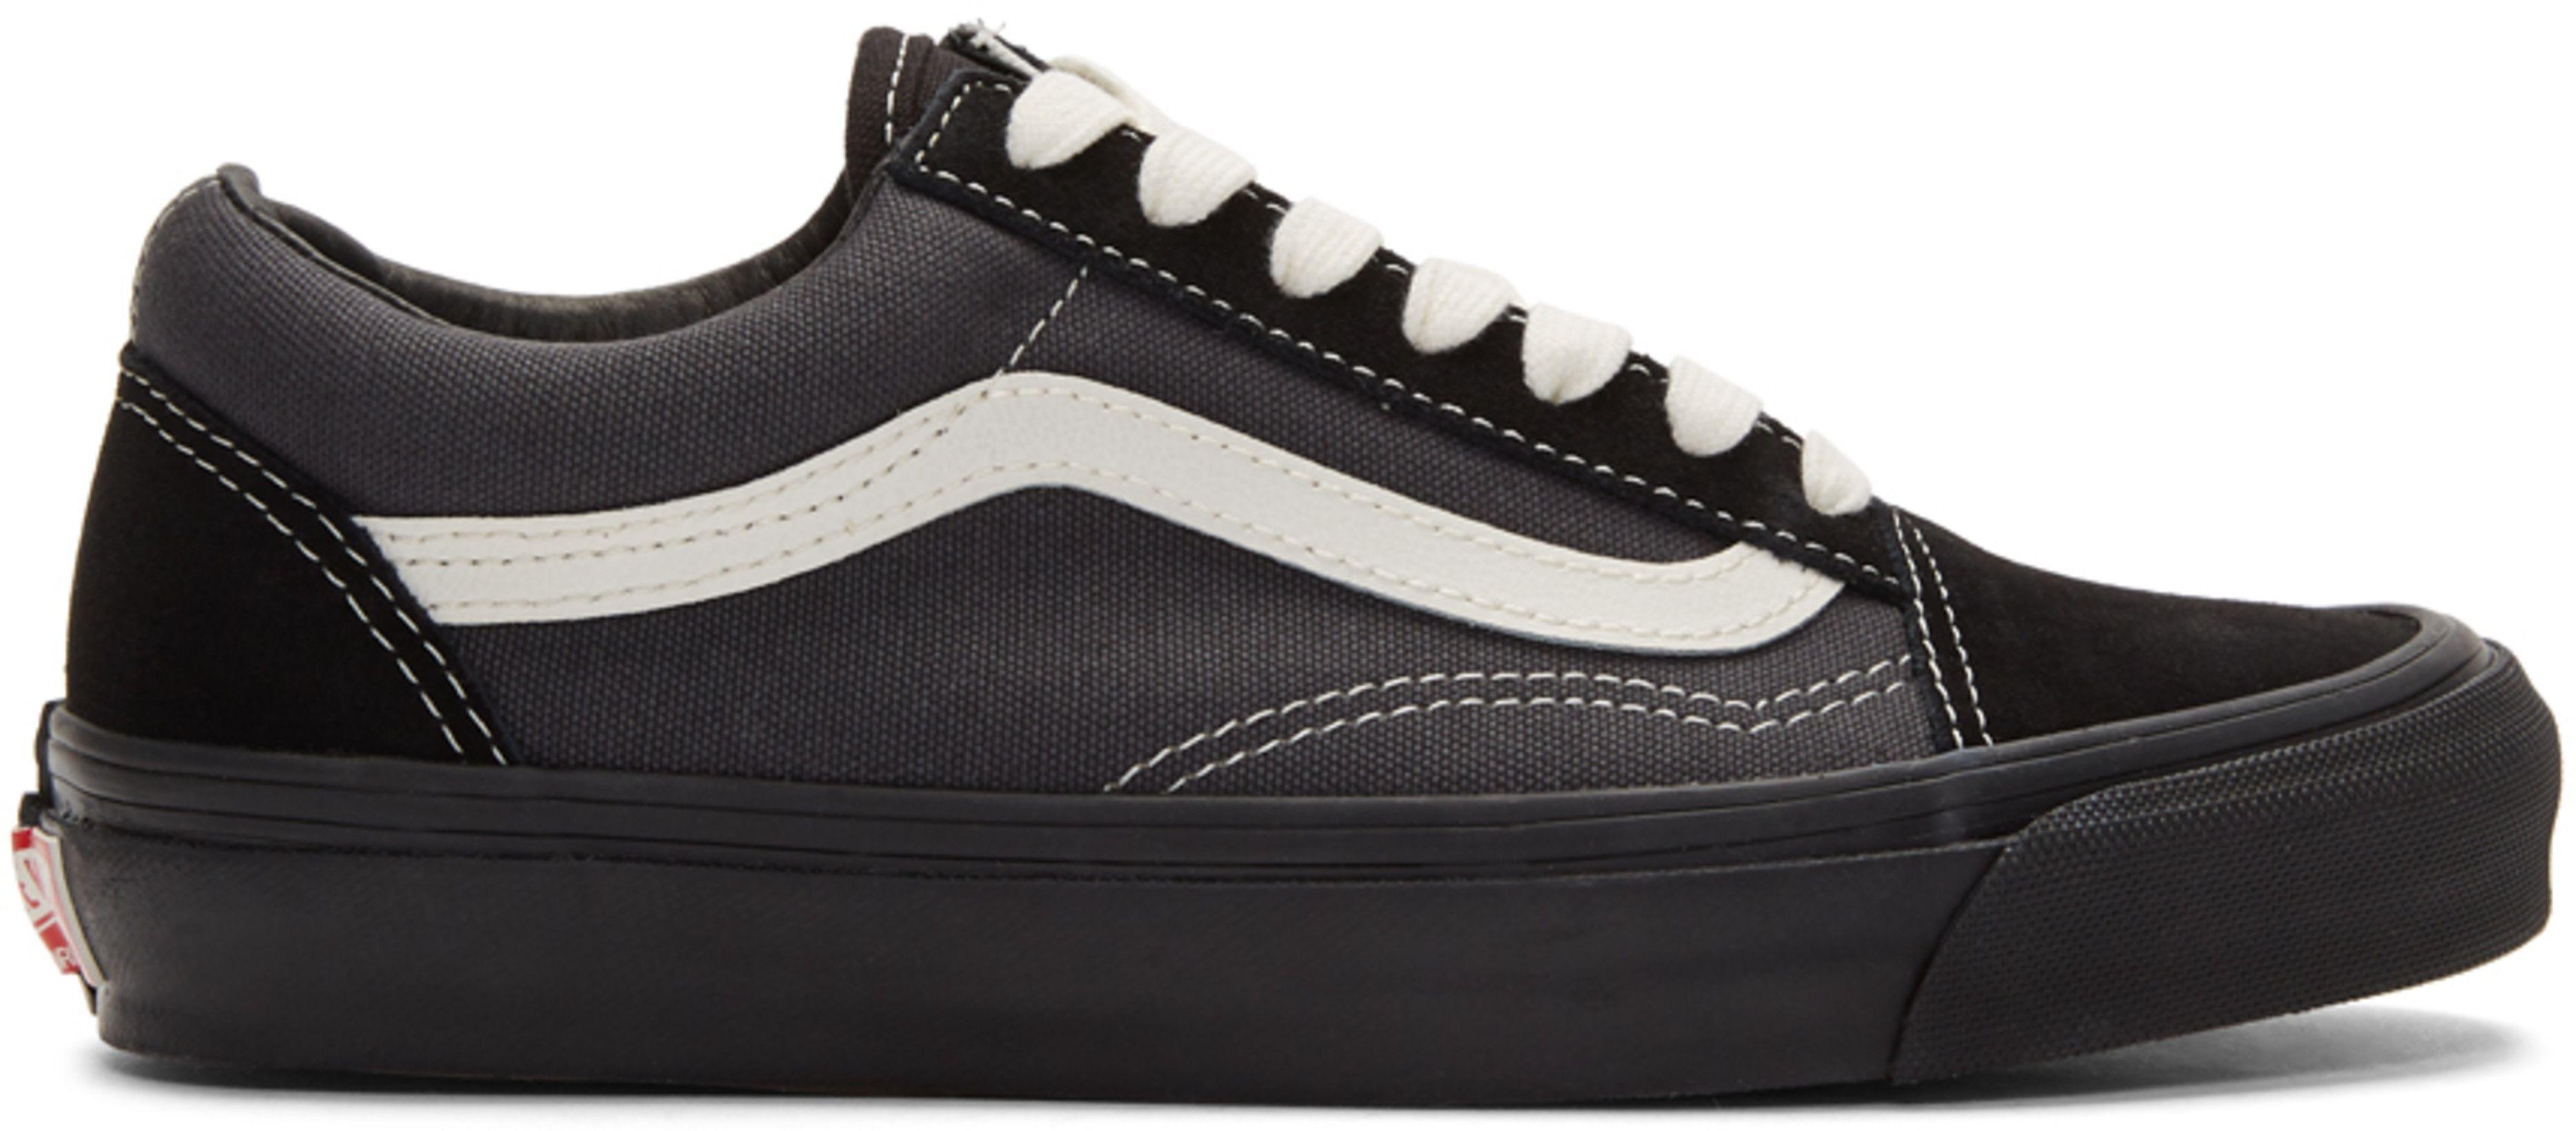 best sneakers black